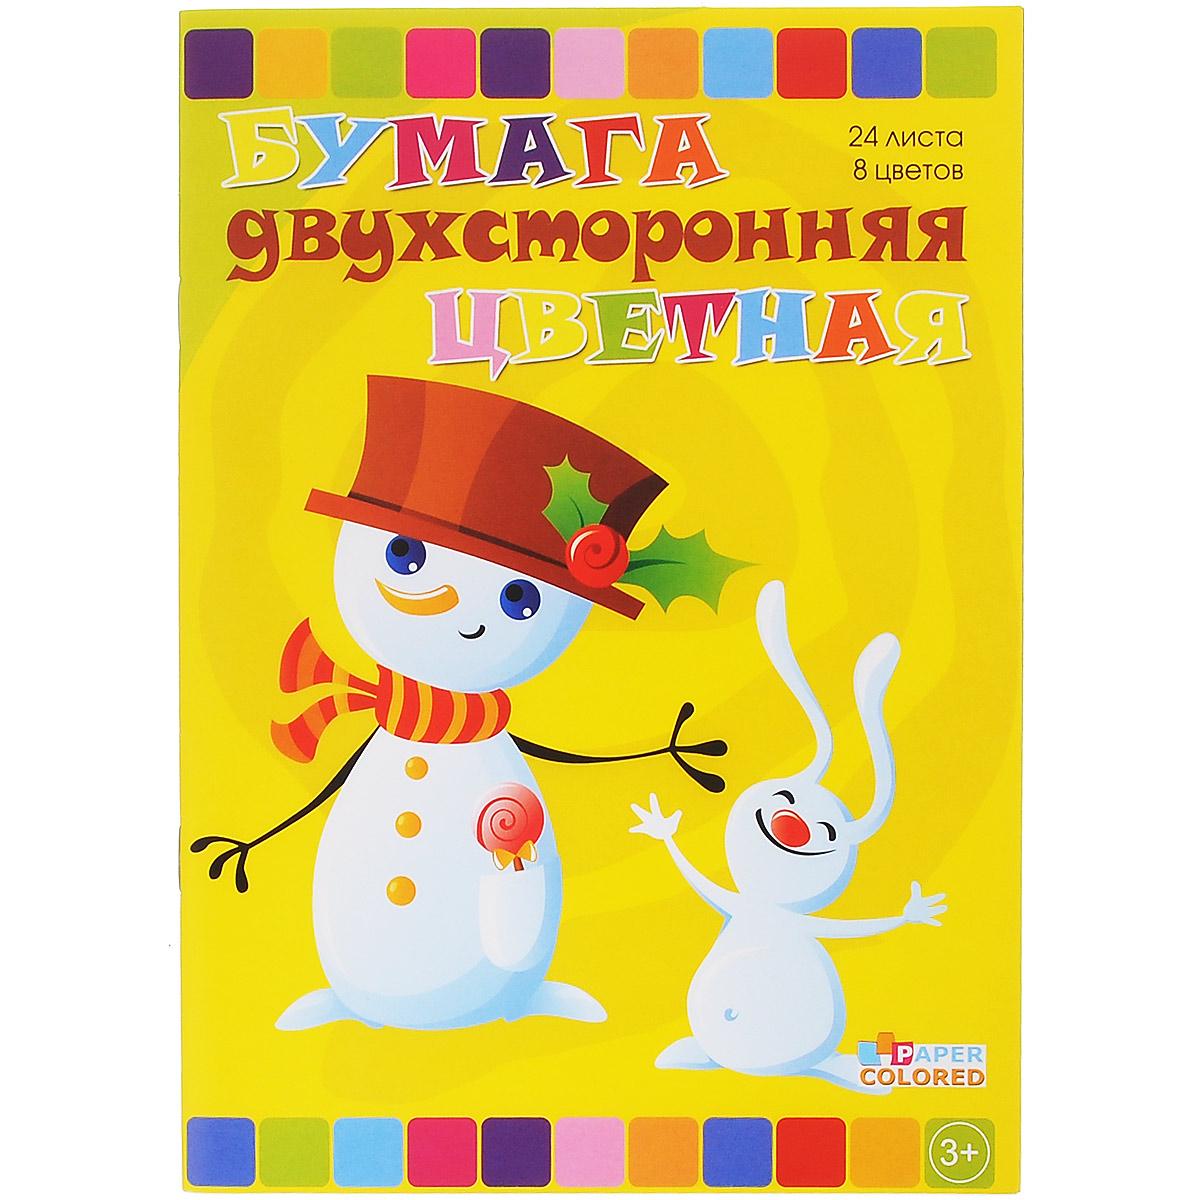 Цветная бумага Бриз, двухсторонняя, мелованная, 8 цветов. 1123-50640А4B_11971Набор цветной бумаги Бриз идеально подойдет для творческих занятий в детском саду, школе и дома.В комплект входят 24 двухсторонних листа мелованной бумаги голубого, зеленого, малинового, коричневого, оранжевого, розового, красного и черного цветов. Бумага поставляется в виде альбома. Мелованная бумага имеет преимущество над обыкновенной, ее цвета значительно ярче. Широта возможностей применения приятно удивит самого взыскательного маленького творца. Рекомендуемый возраст от 3 лет.